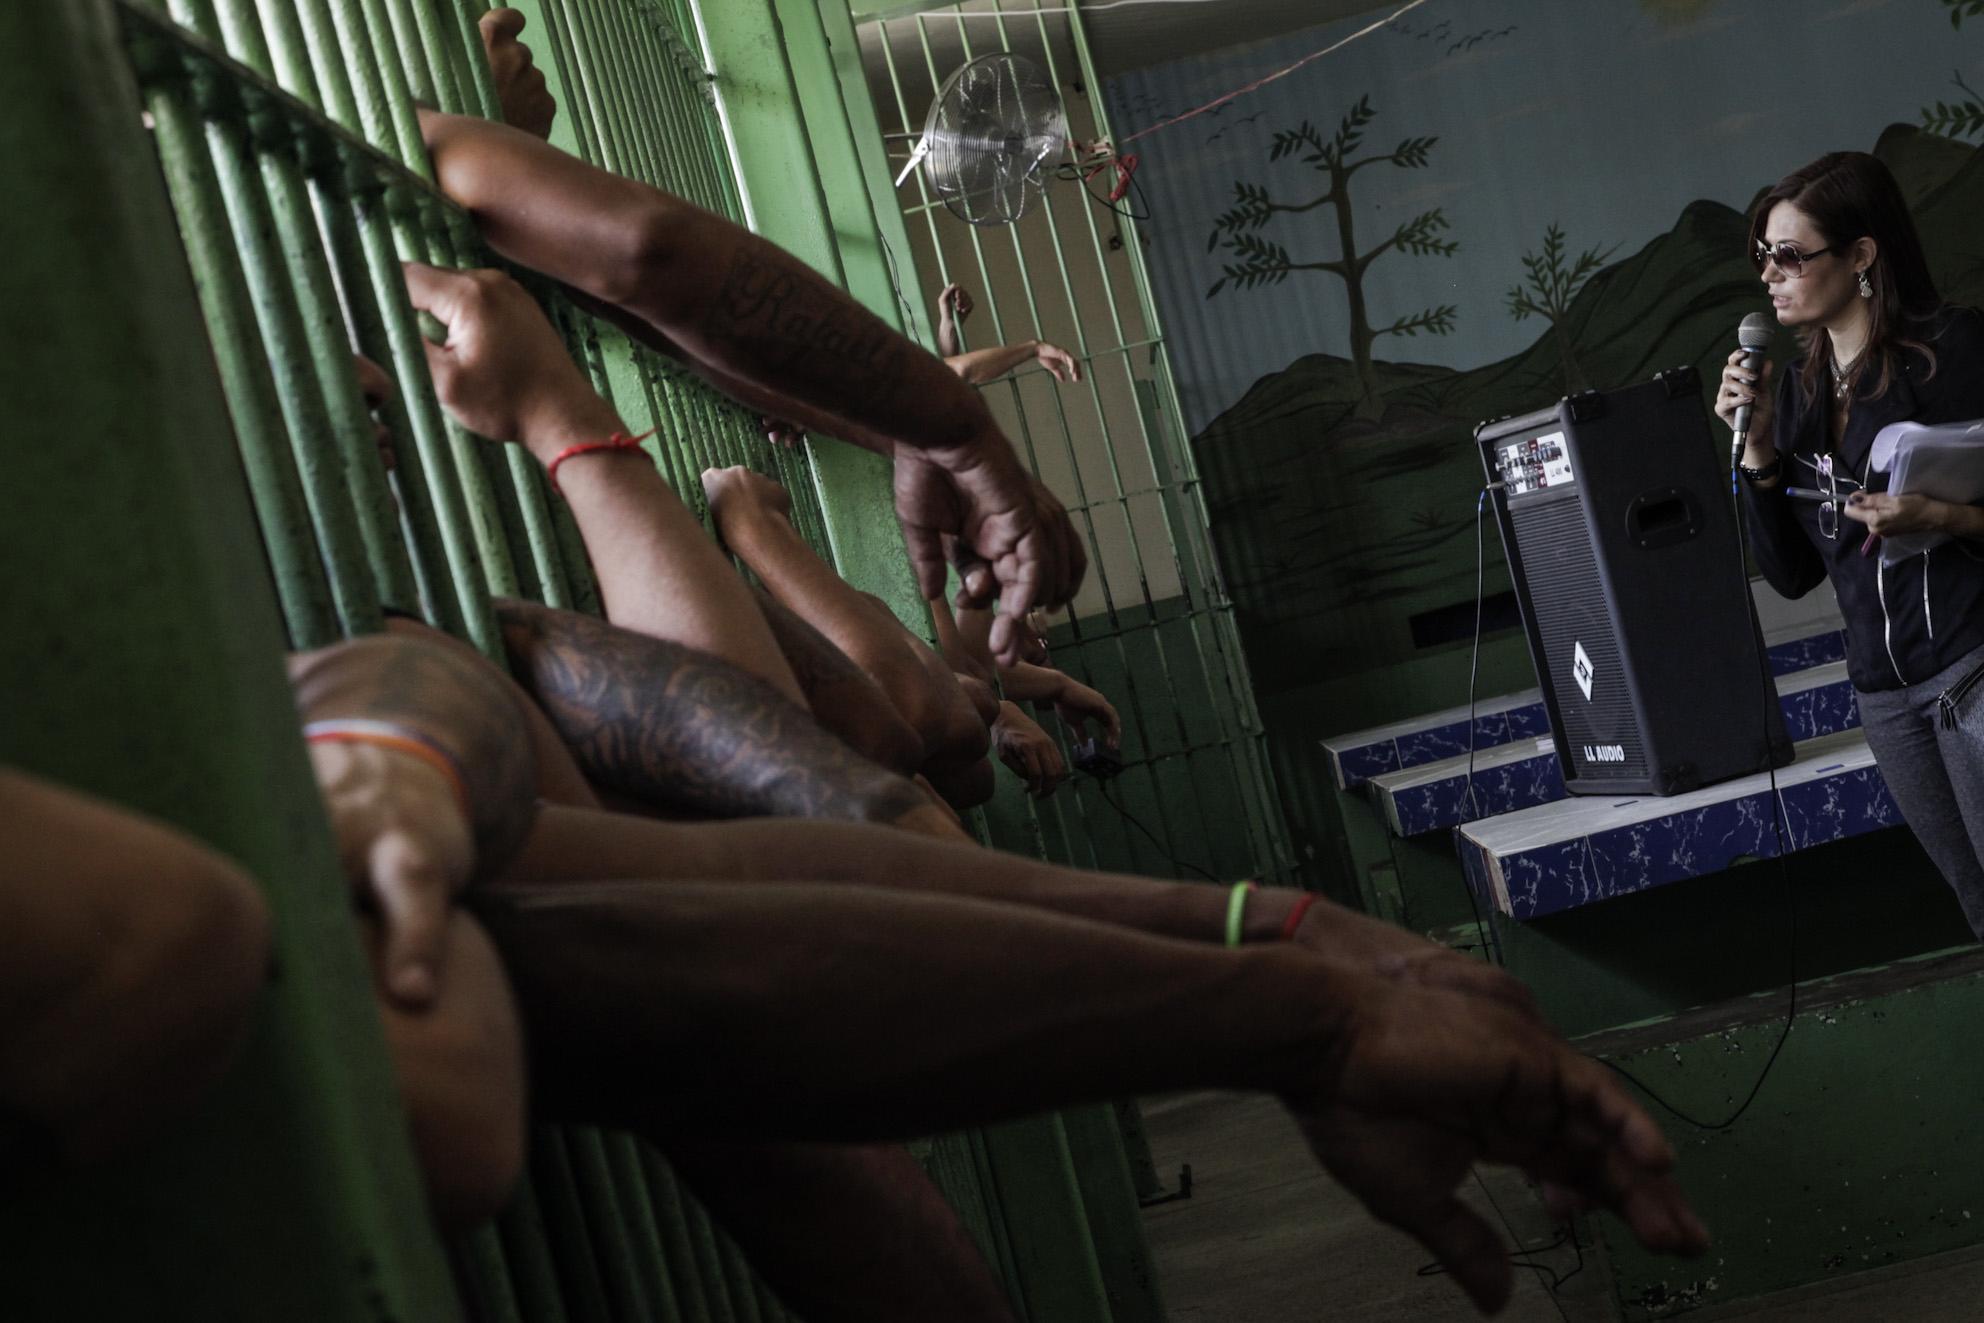 Conselho Nacional de Justiça (CNJ) faz visita Complexo Penitenciário Anísio Jobim (Foto: Raphael Alves/TJAM)